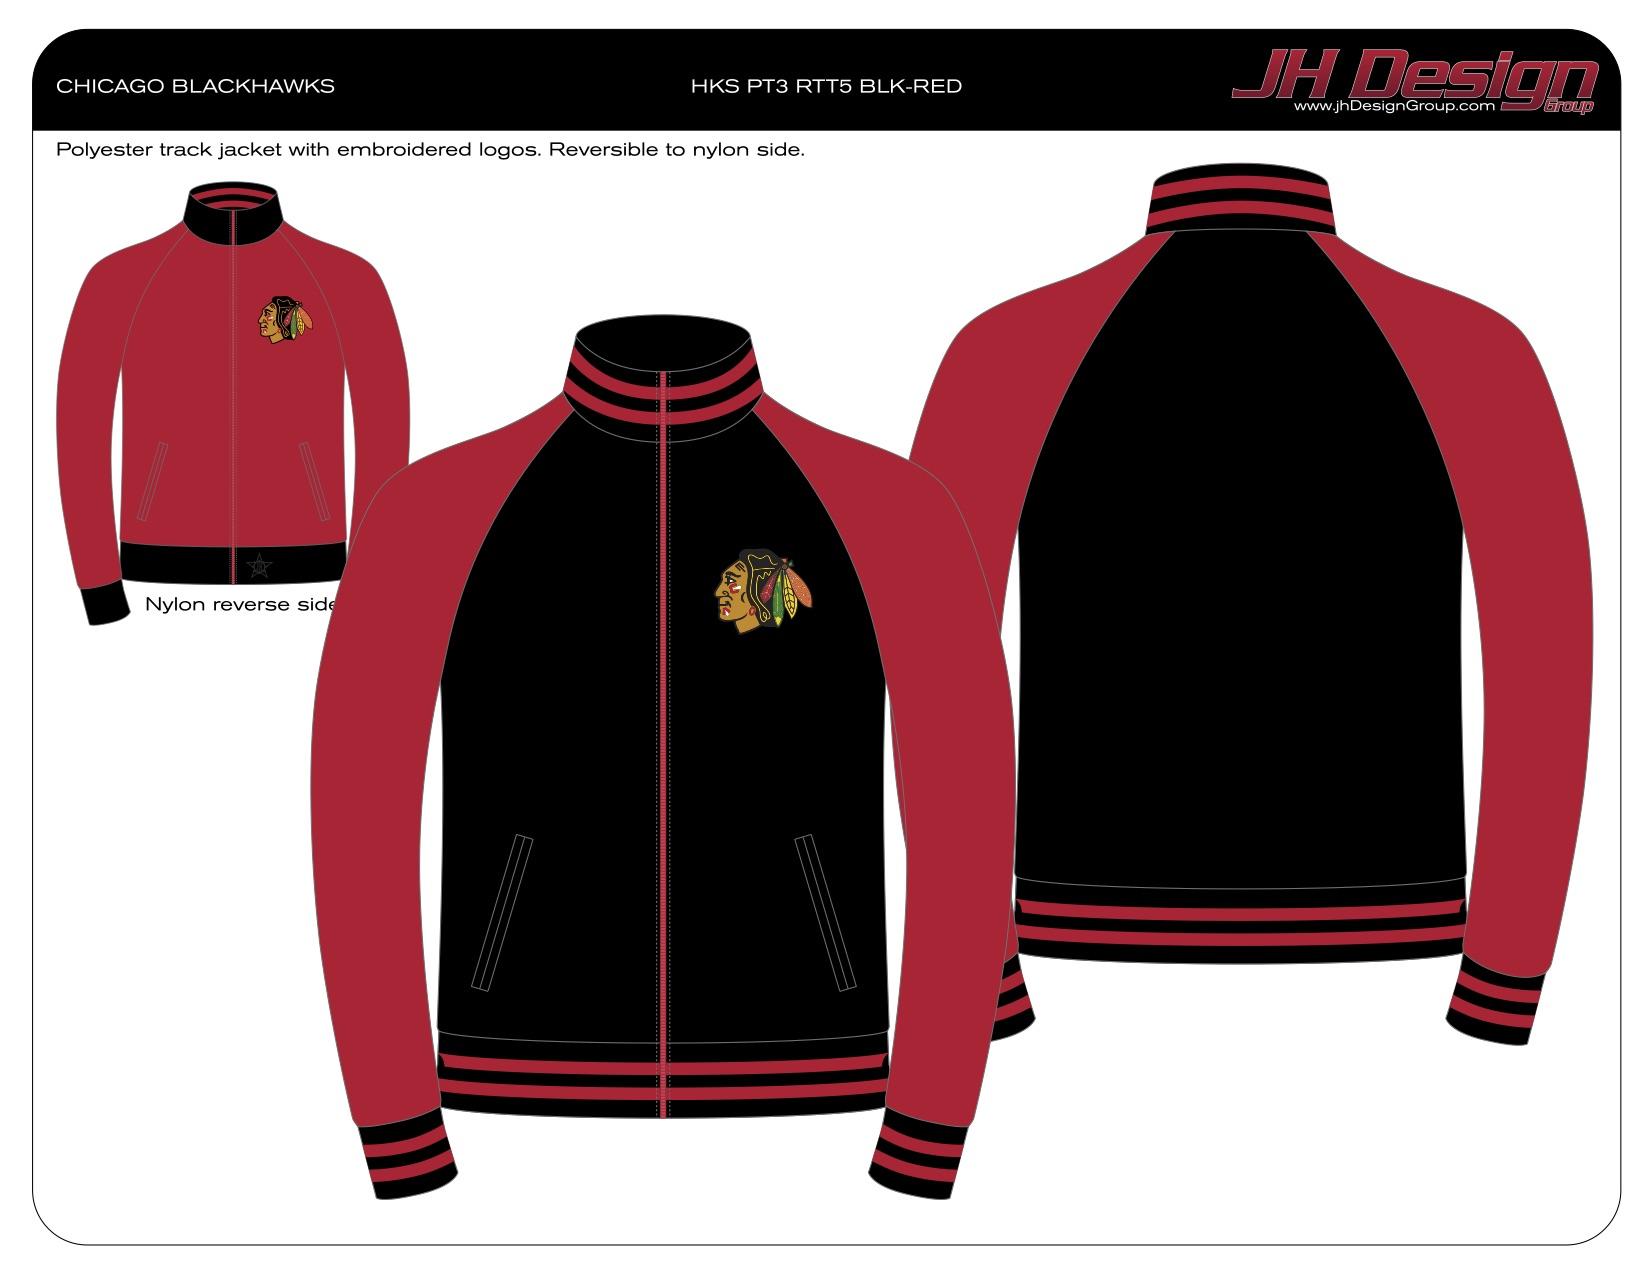 HKS PT3 RTT5 BLK-RED